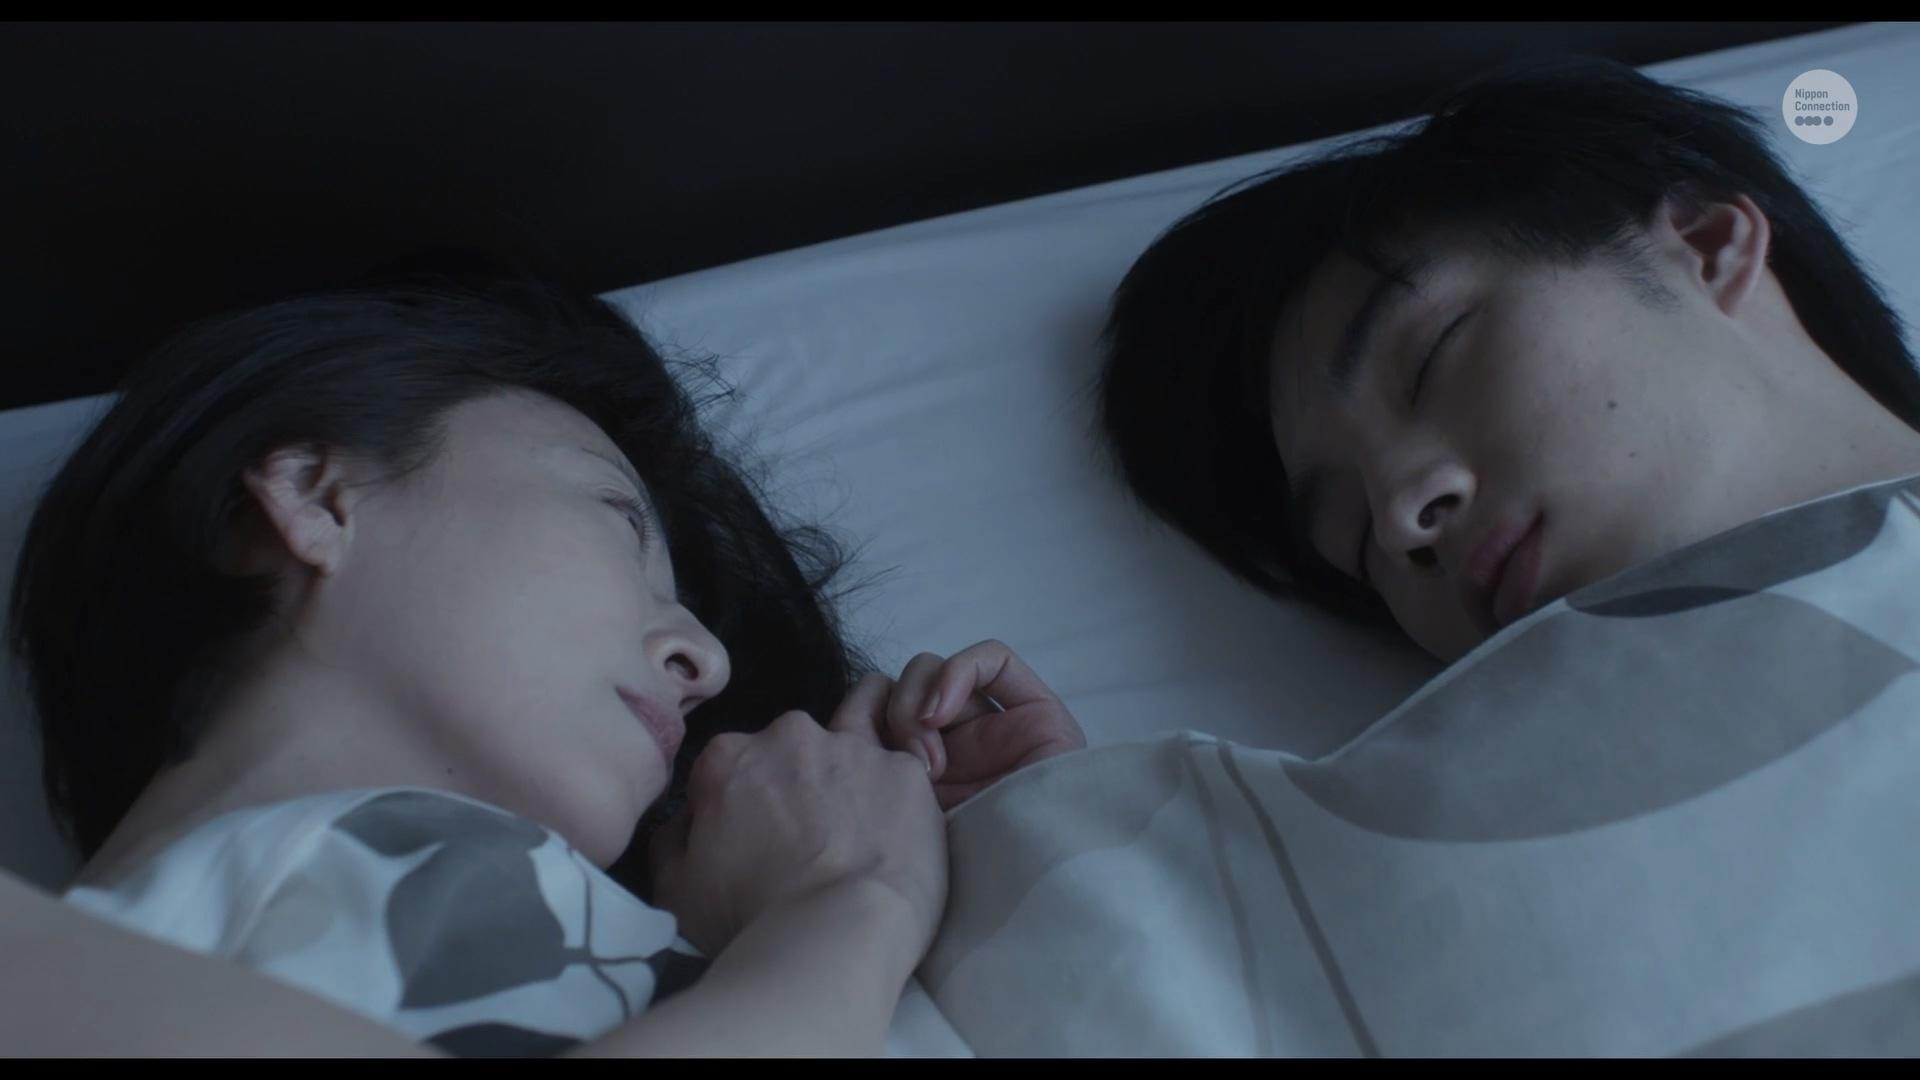 没想到能看到松雪泰子和清水寻也演小情侣片子叫《用甜酒漱口》